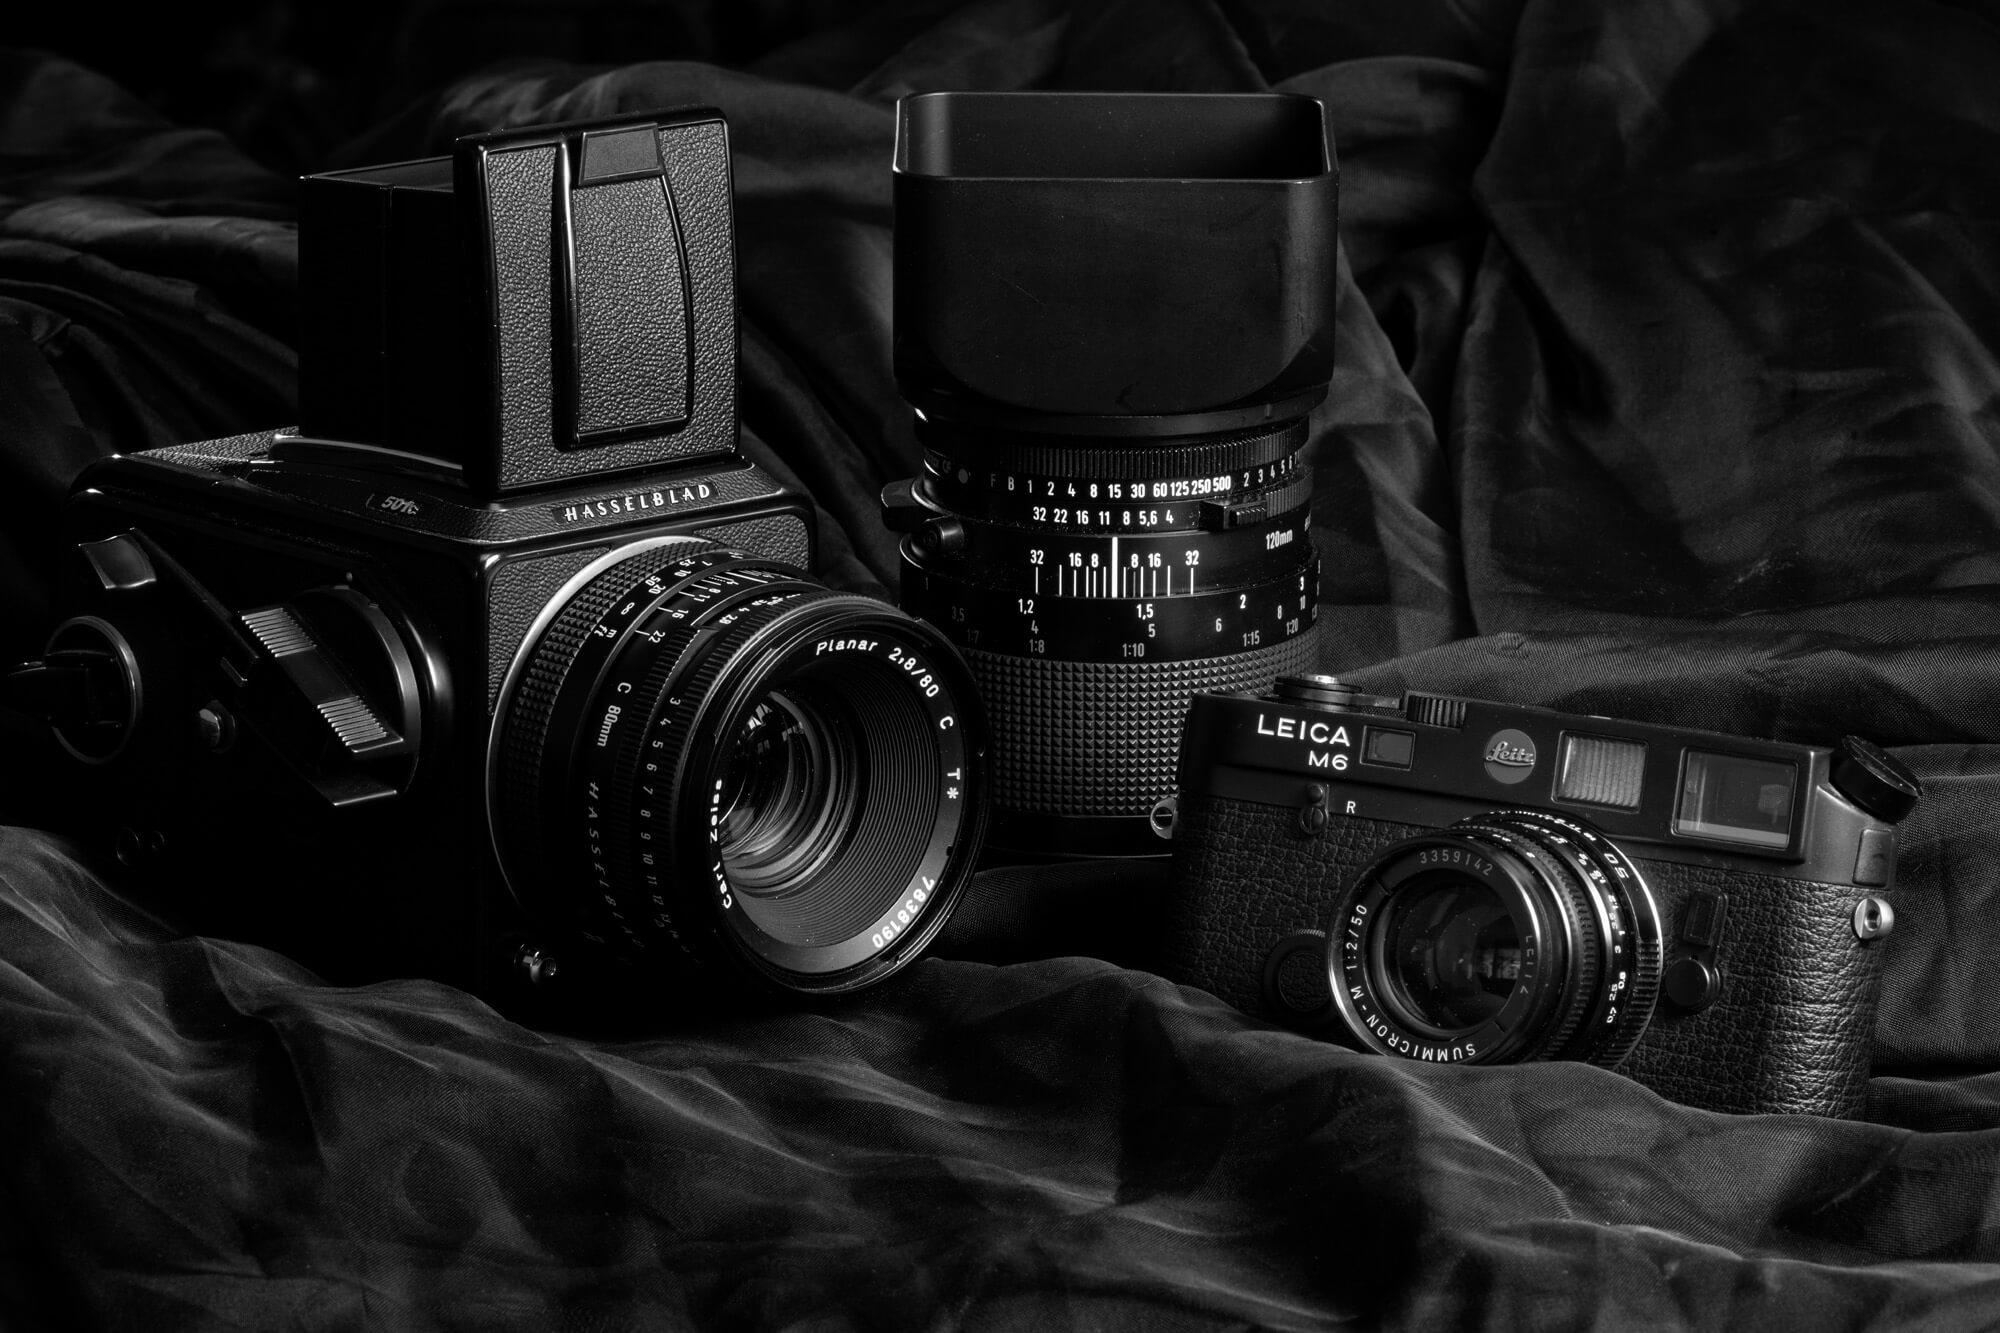 Optics 200mm